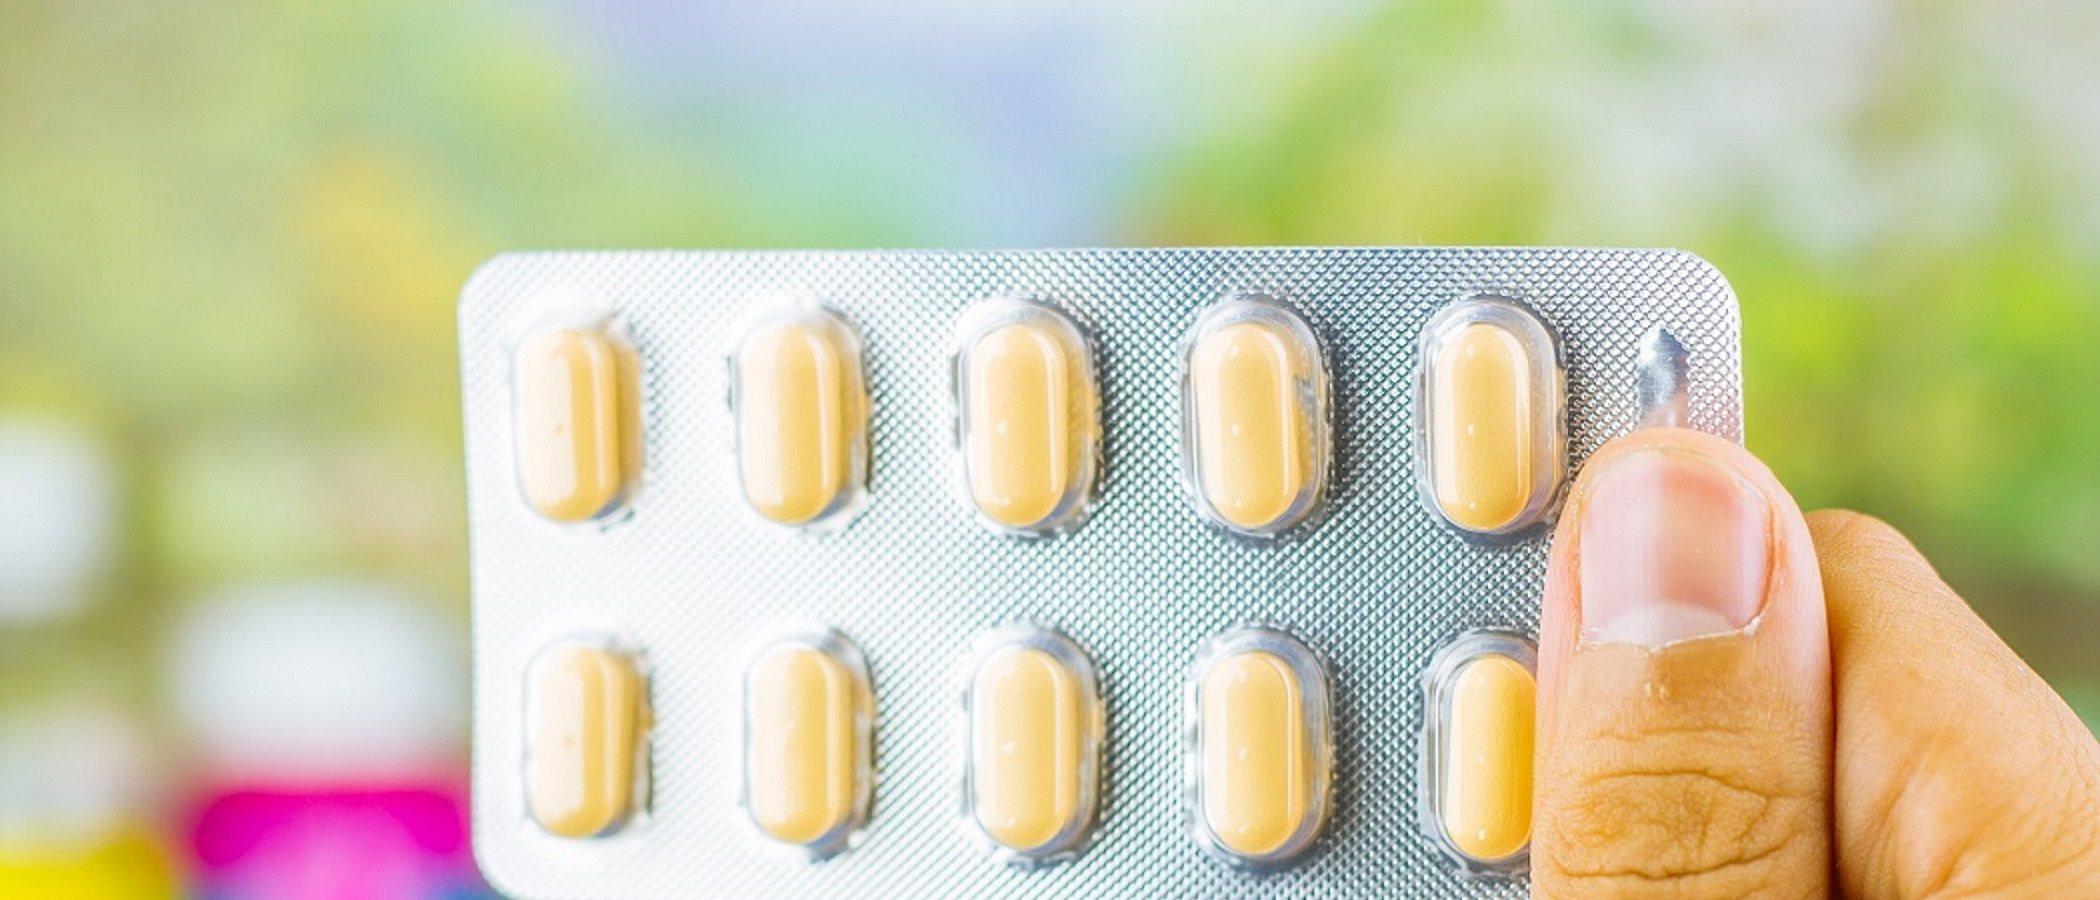 Las pastillas anticonceptivas, ¿pueden causar infertilidad?